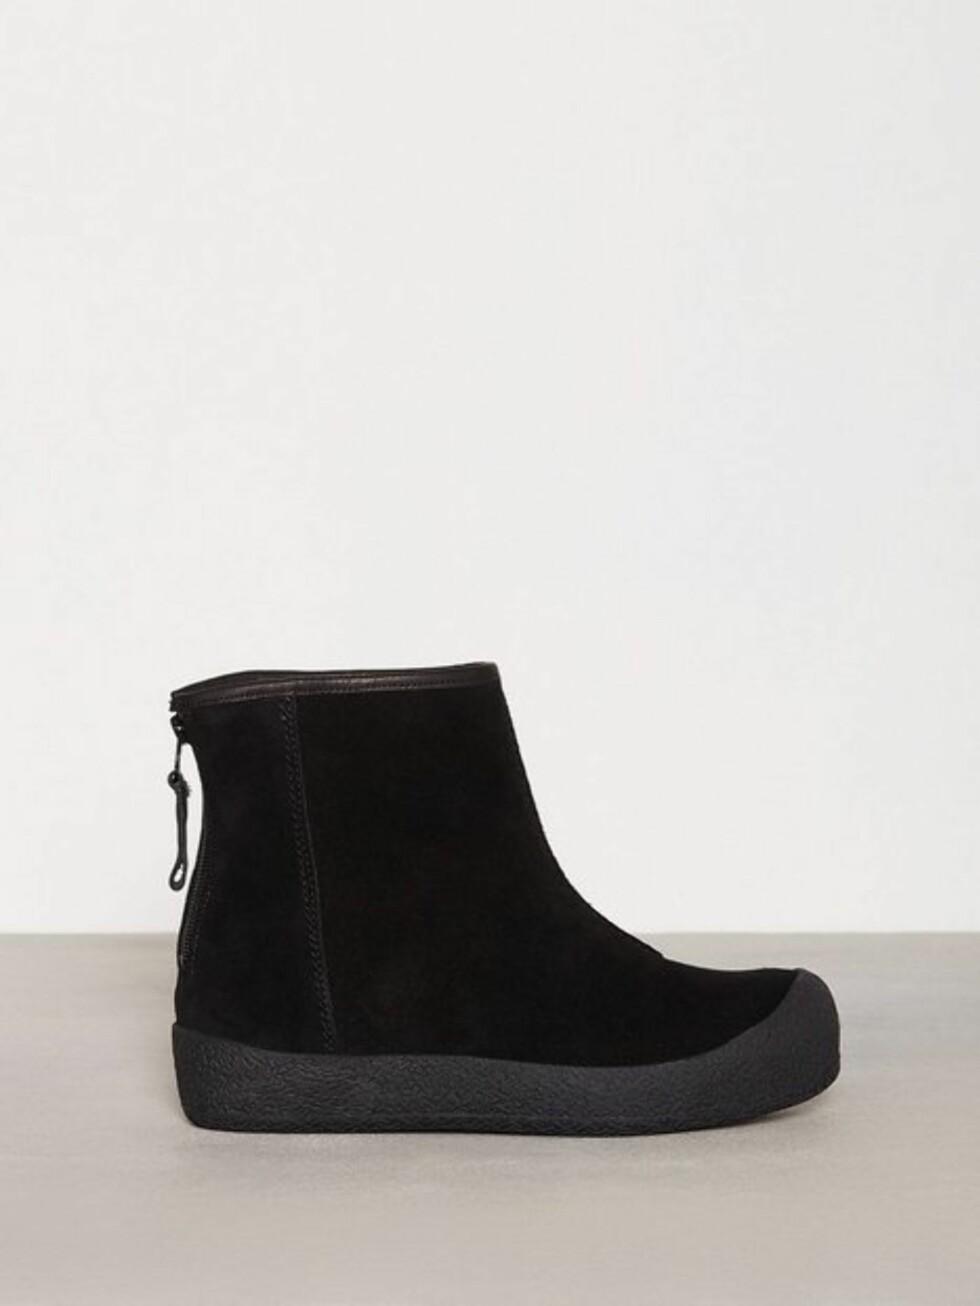 Sko fra Shepherd via Nelly.com |1699,-| https://nelly.com/no/kl%C3%A6r-til-kvinner/sko/boots-booties/shepherd-1080/elin-outdoor-106608-0014/